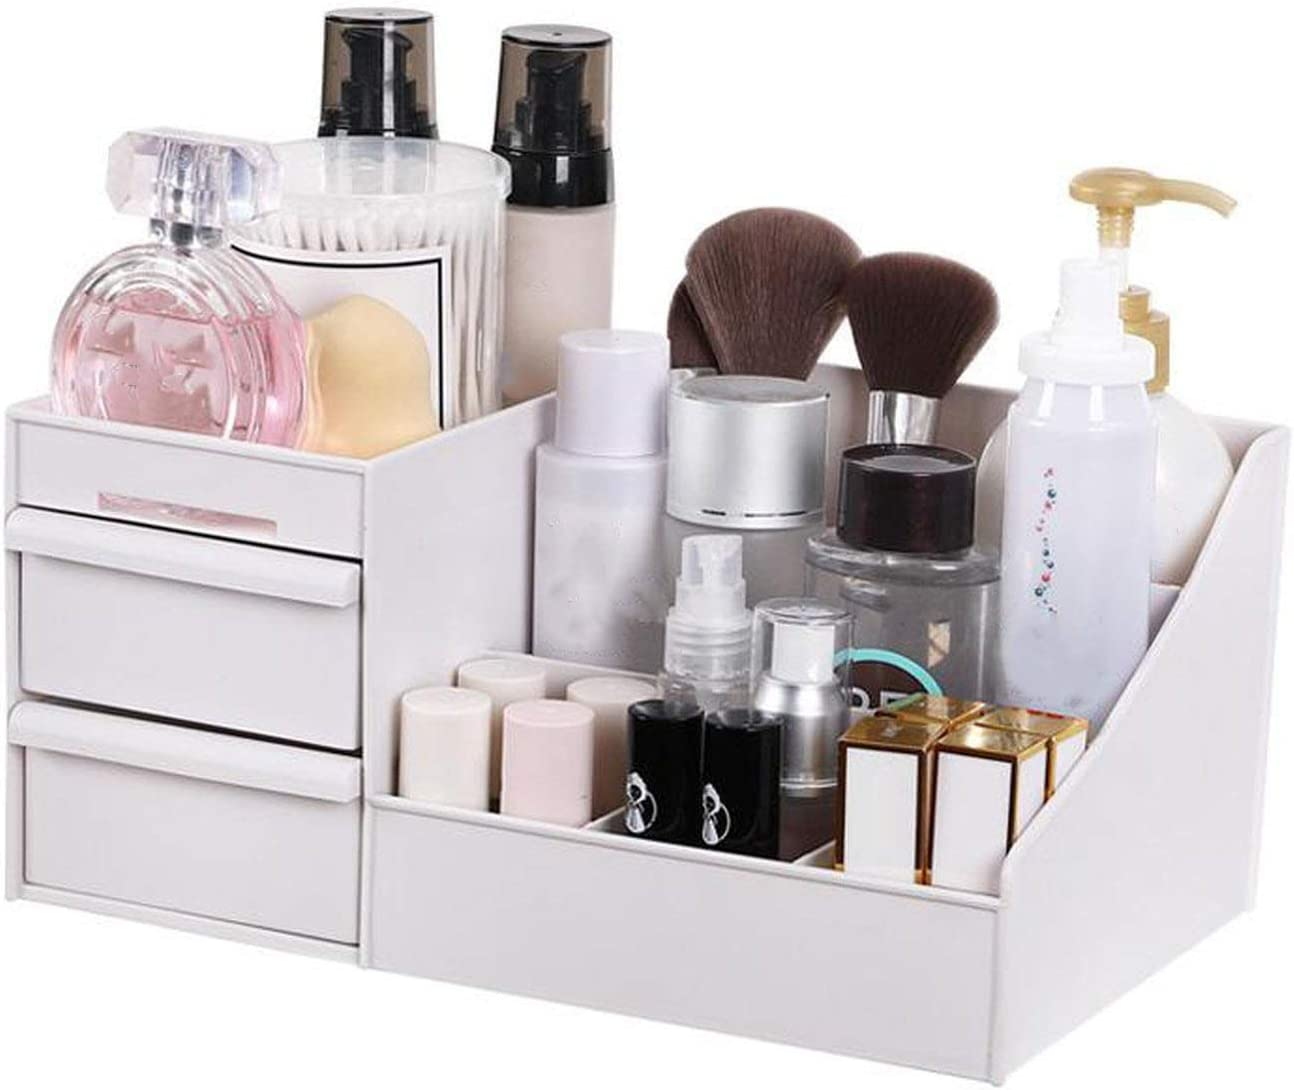 Organizador de escritorio para el cuidado de la piel, para cosméticos, joyas, artículos de maquillaje, artículos de papelería, estuche para uñas, contenedor: Amazon.es: Oficina y papelería